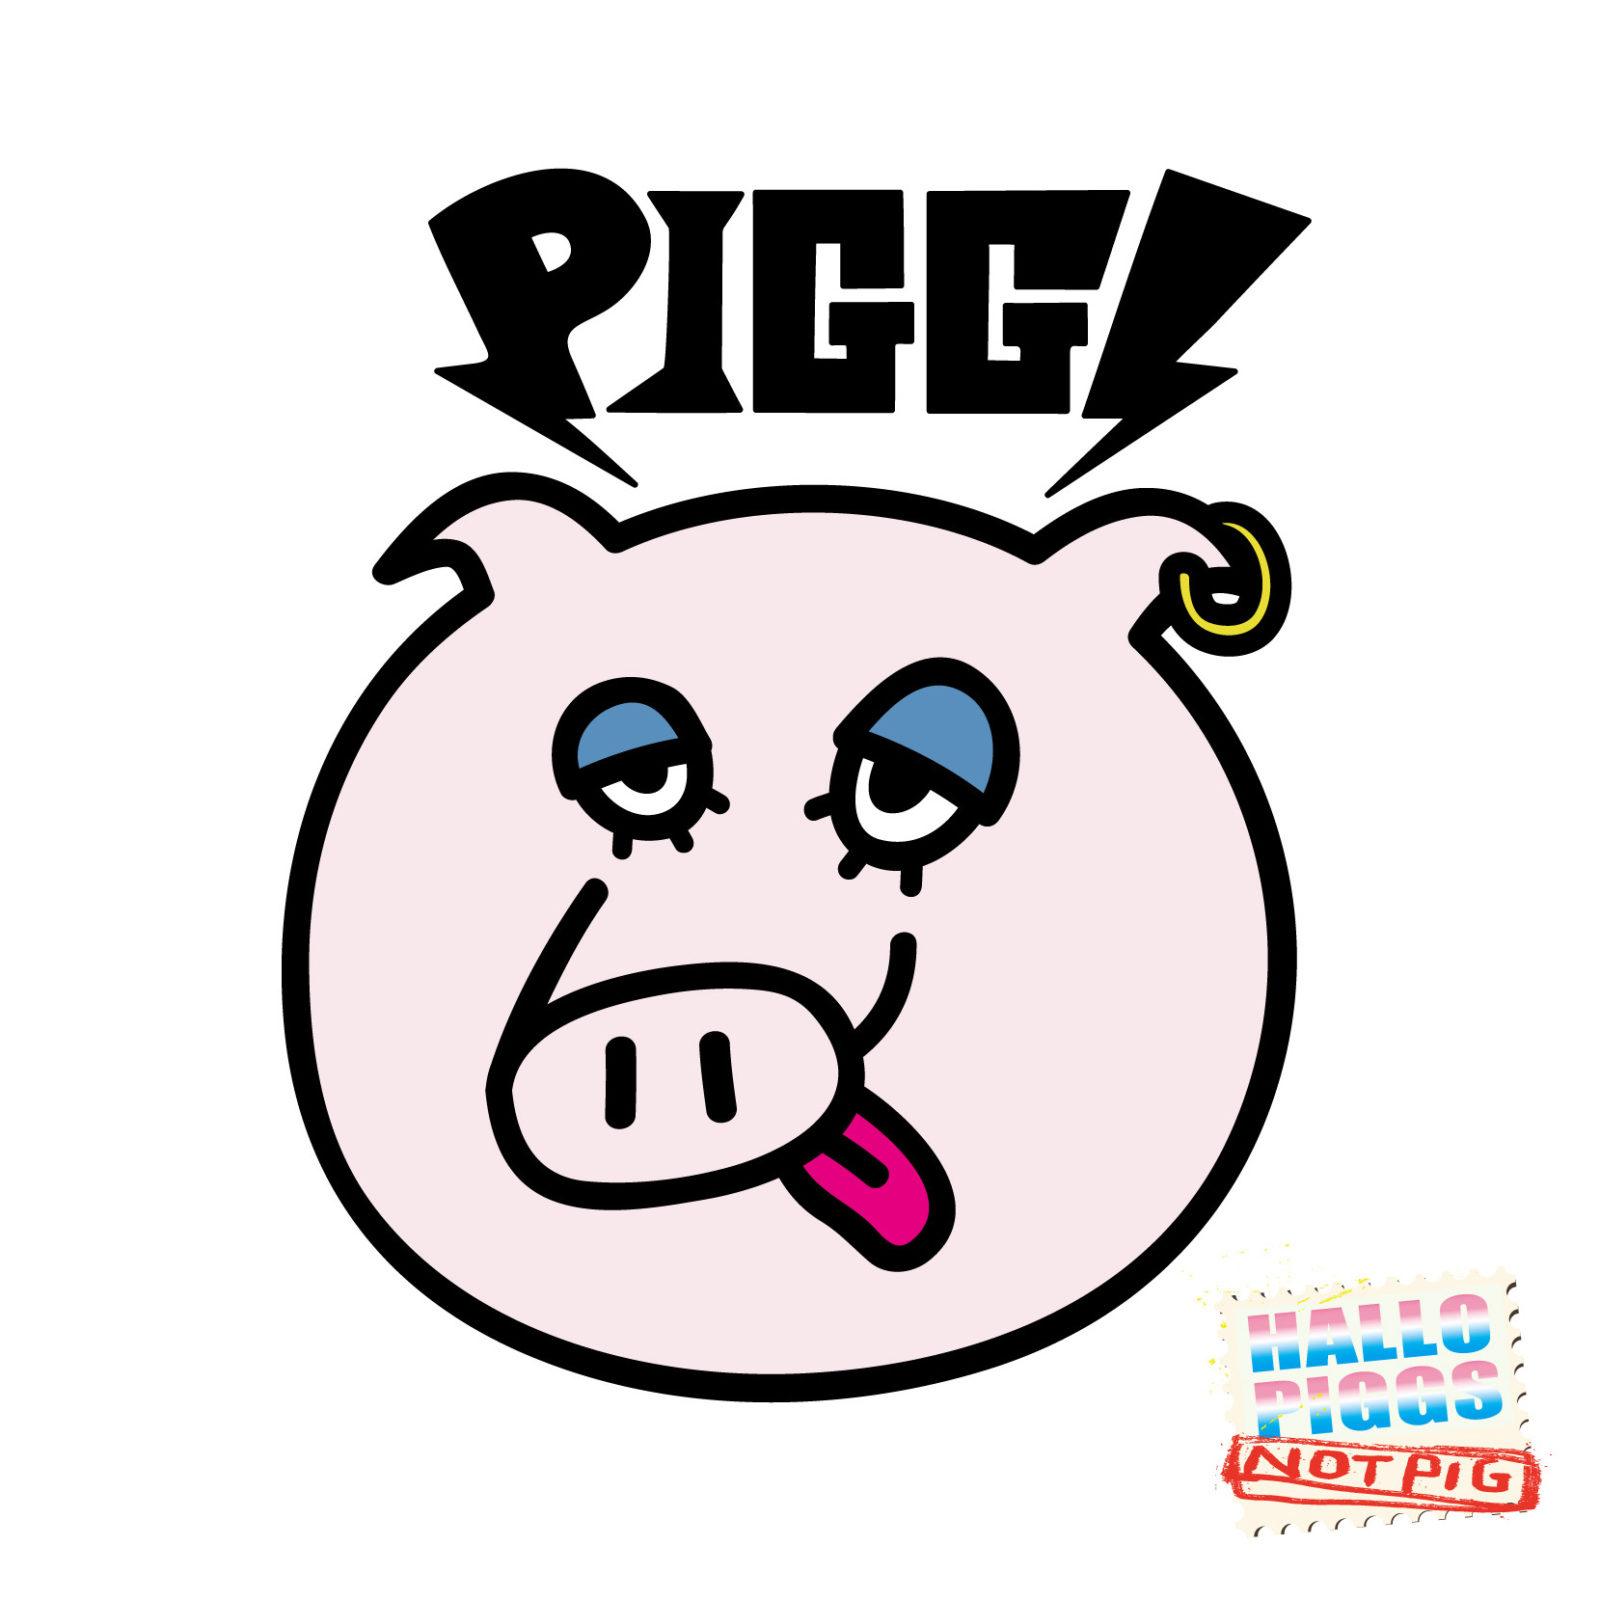 プー・ルイ率いるPIGGS、初のリリースを記念してオンラインイベント決定